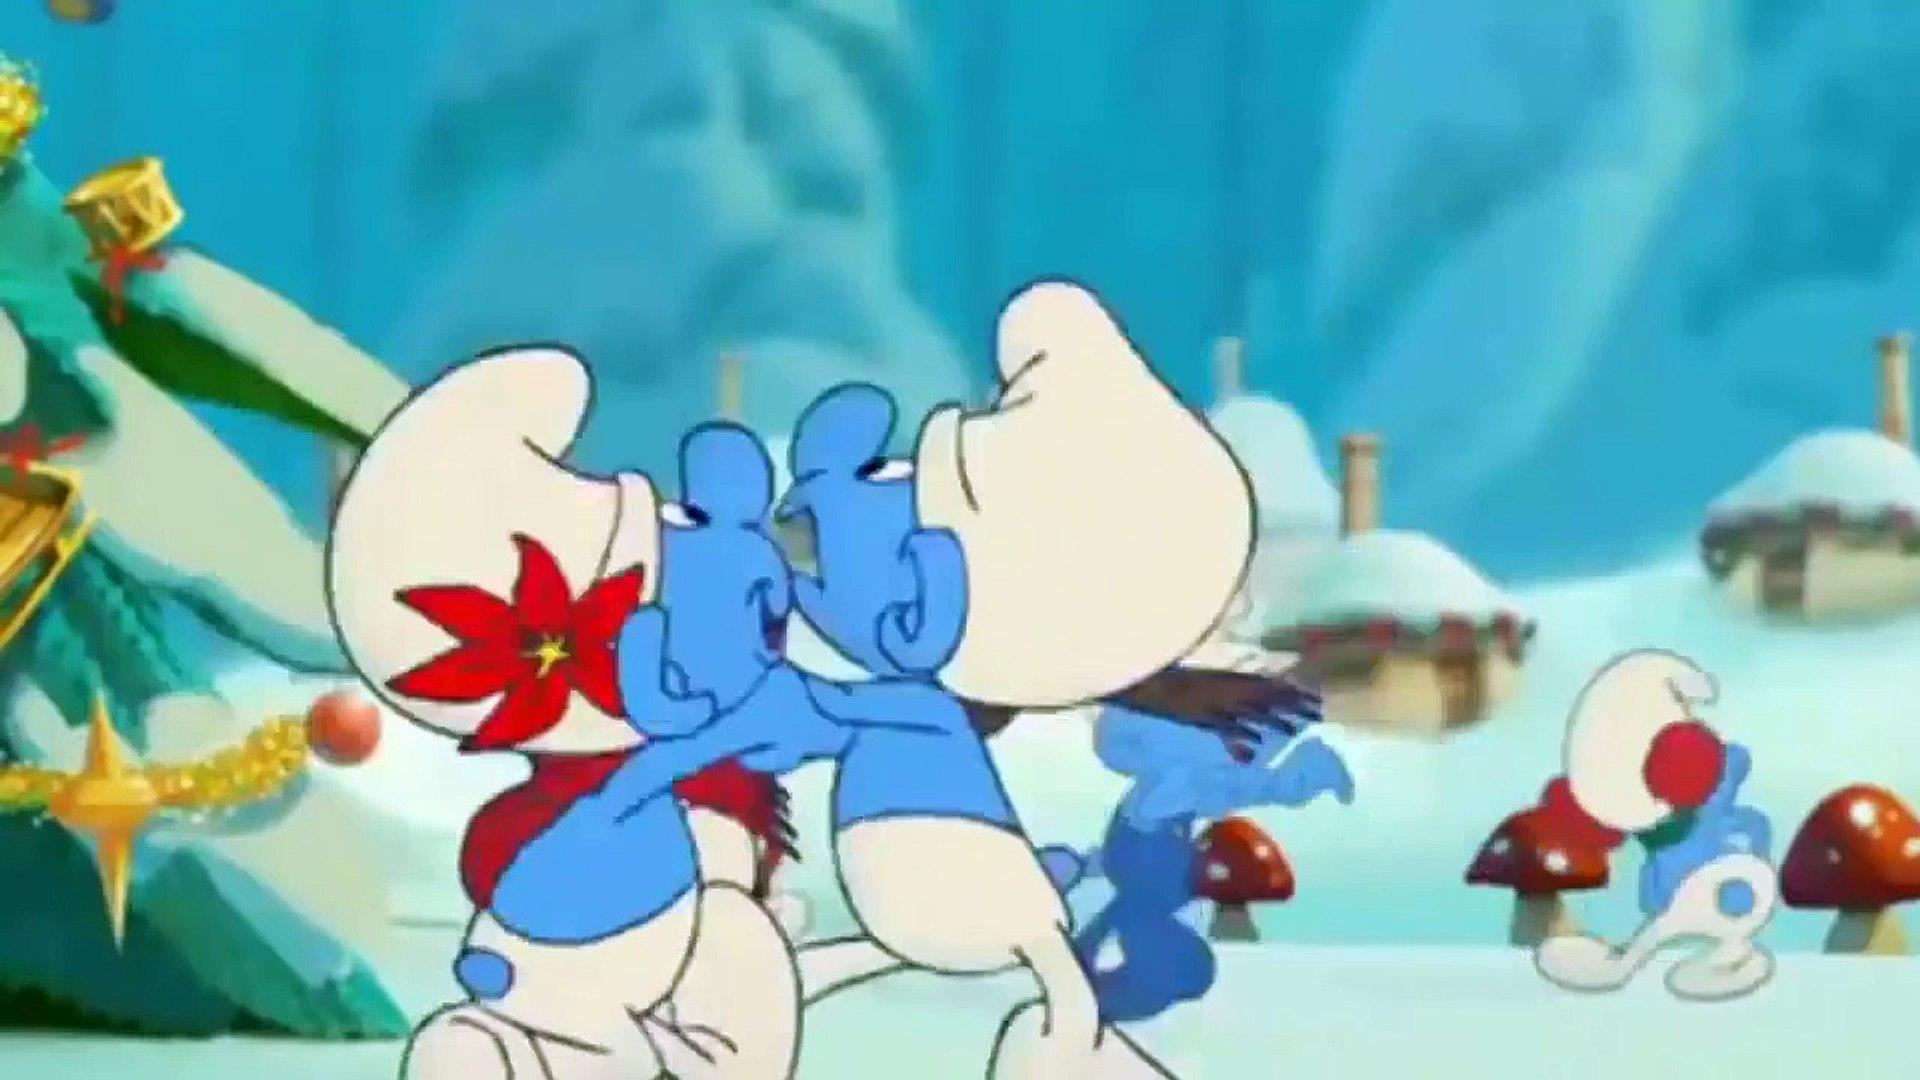 Smurfs Christmas.The Smurfs A Christmas Carol Movie 2011